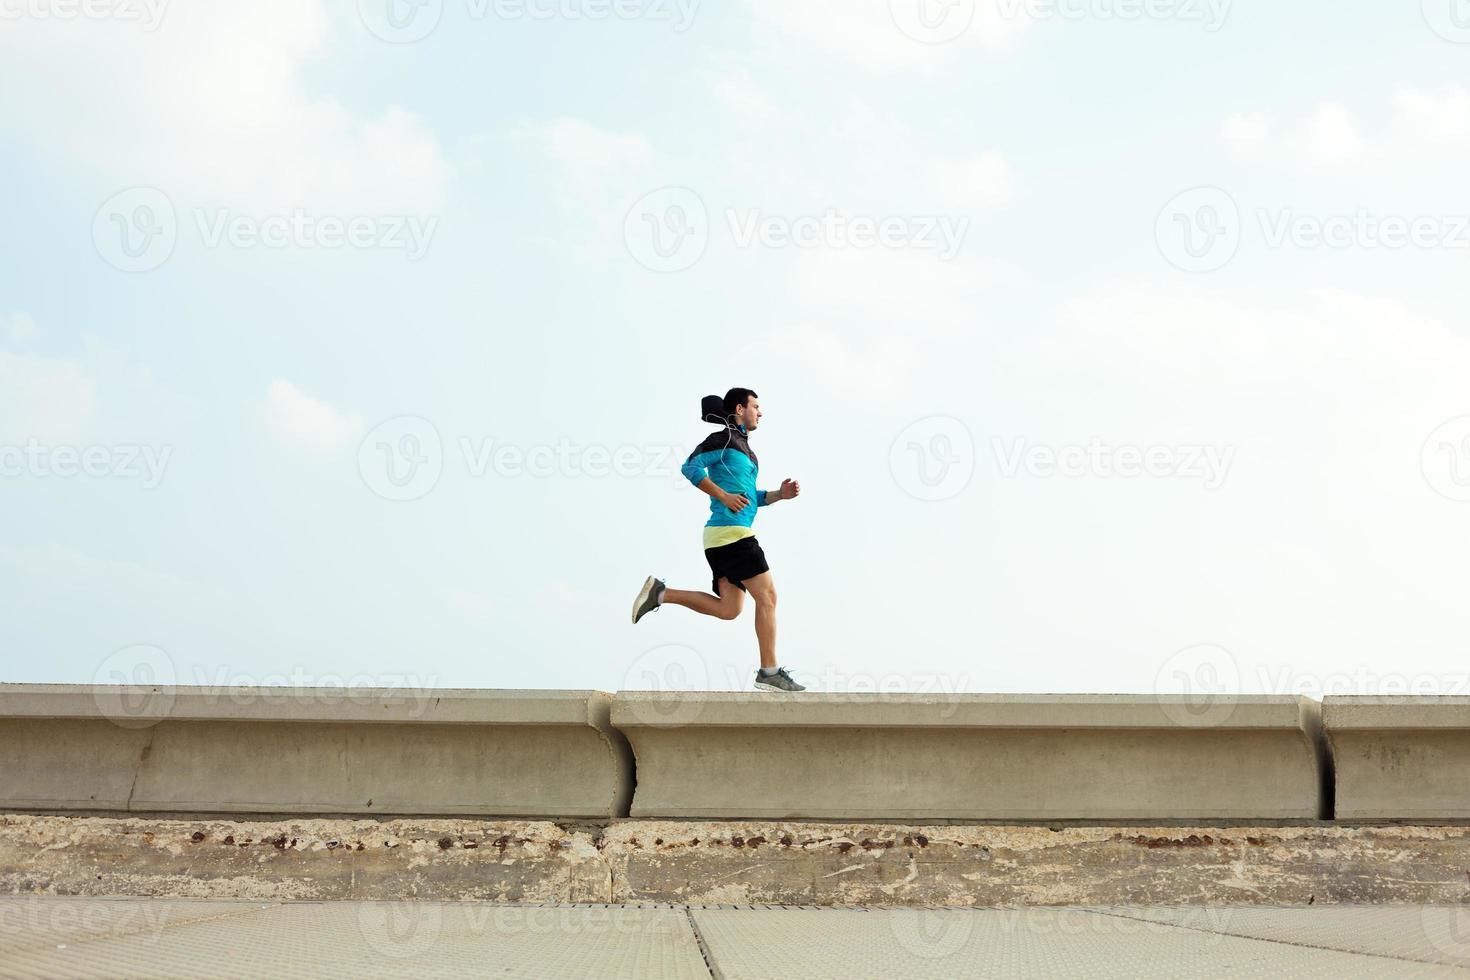 sportif, courant, béton, frontière photo